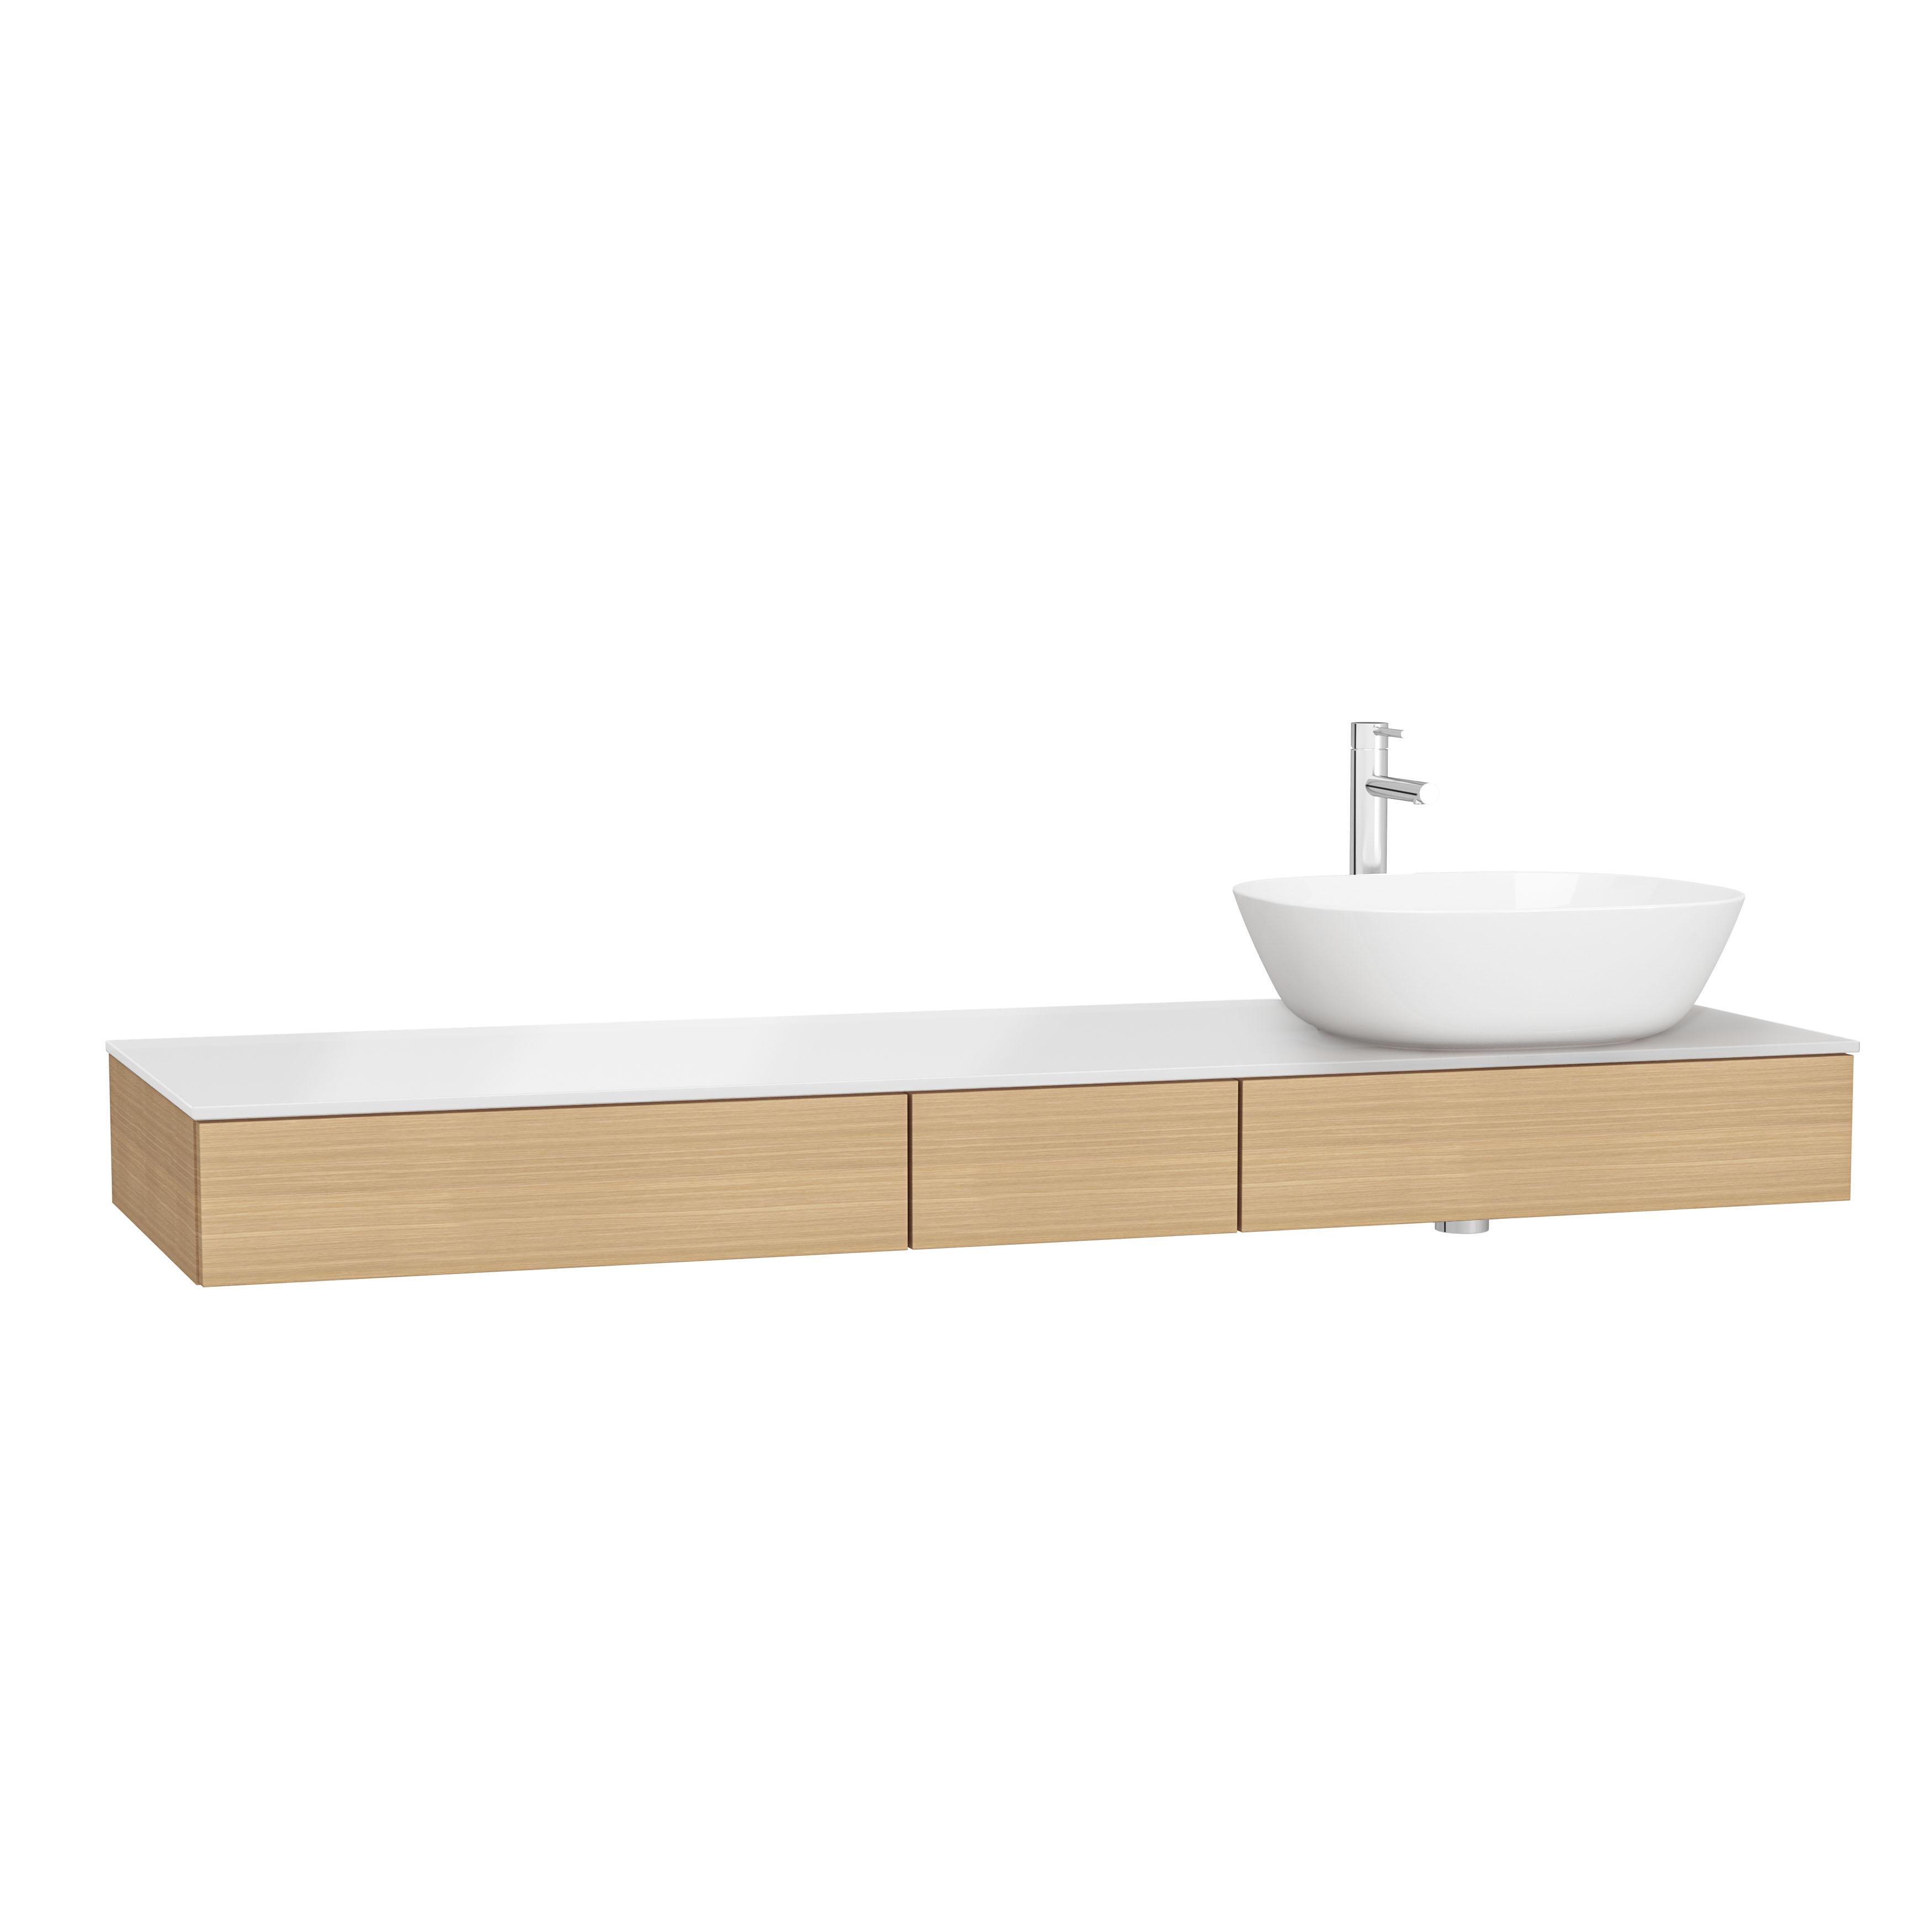 Origin plan de toilette avec tiroir, 150 cm, chêne ferrera, droite